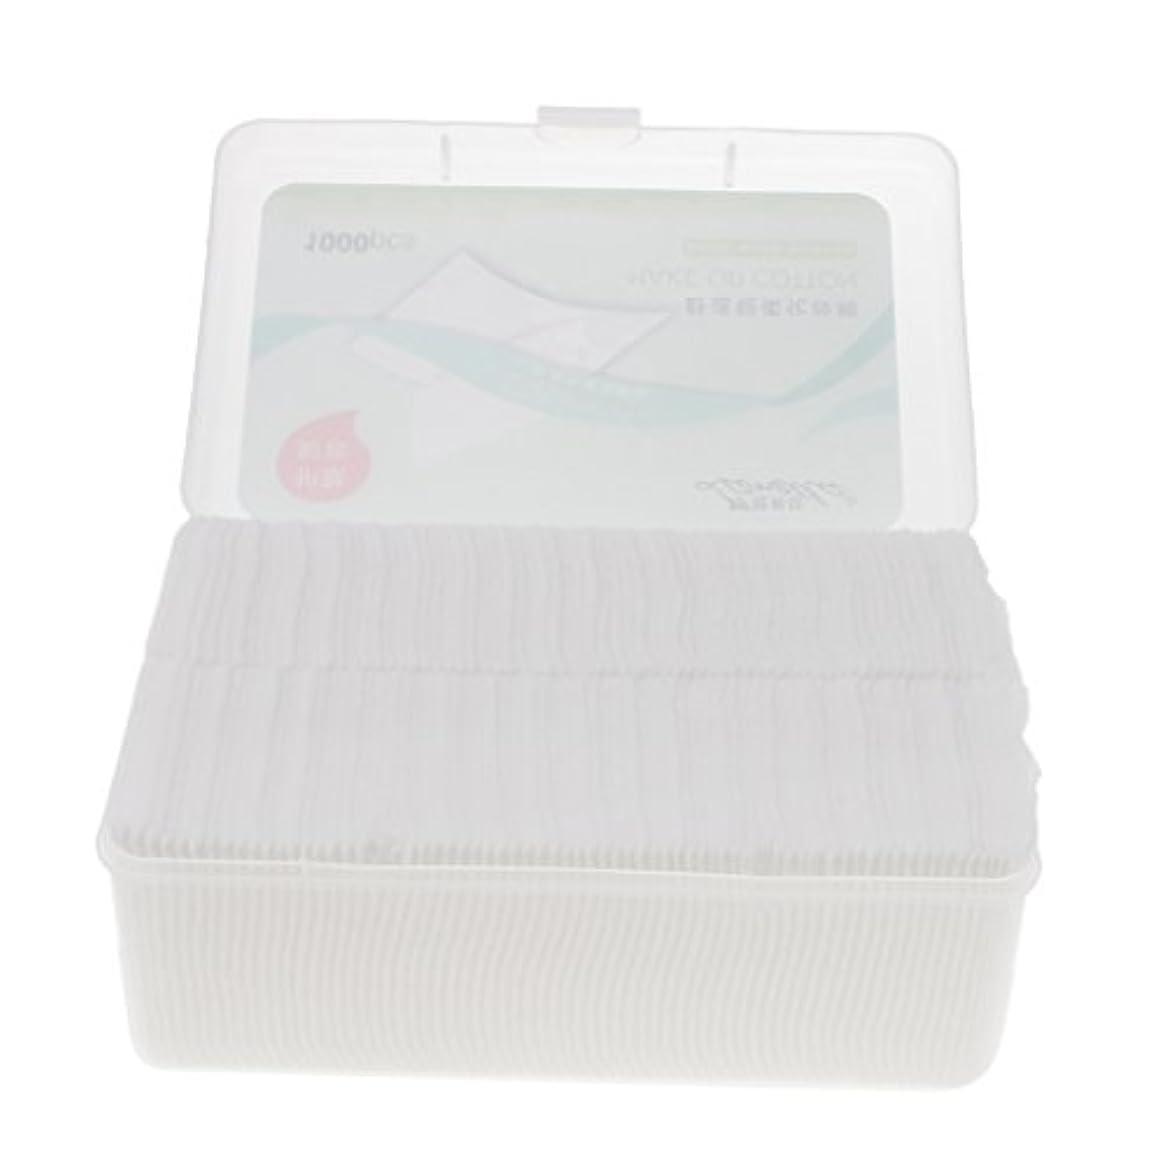 バイオリニストキャメル影響力のあるToygogo メイクリムーバー 化粧品パフ コットンパッド 綿パッド ソフト 旅行用品 携帯便利 約1000枚入り